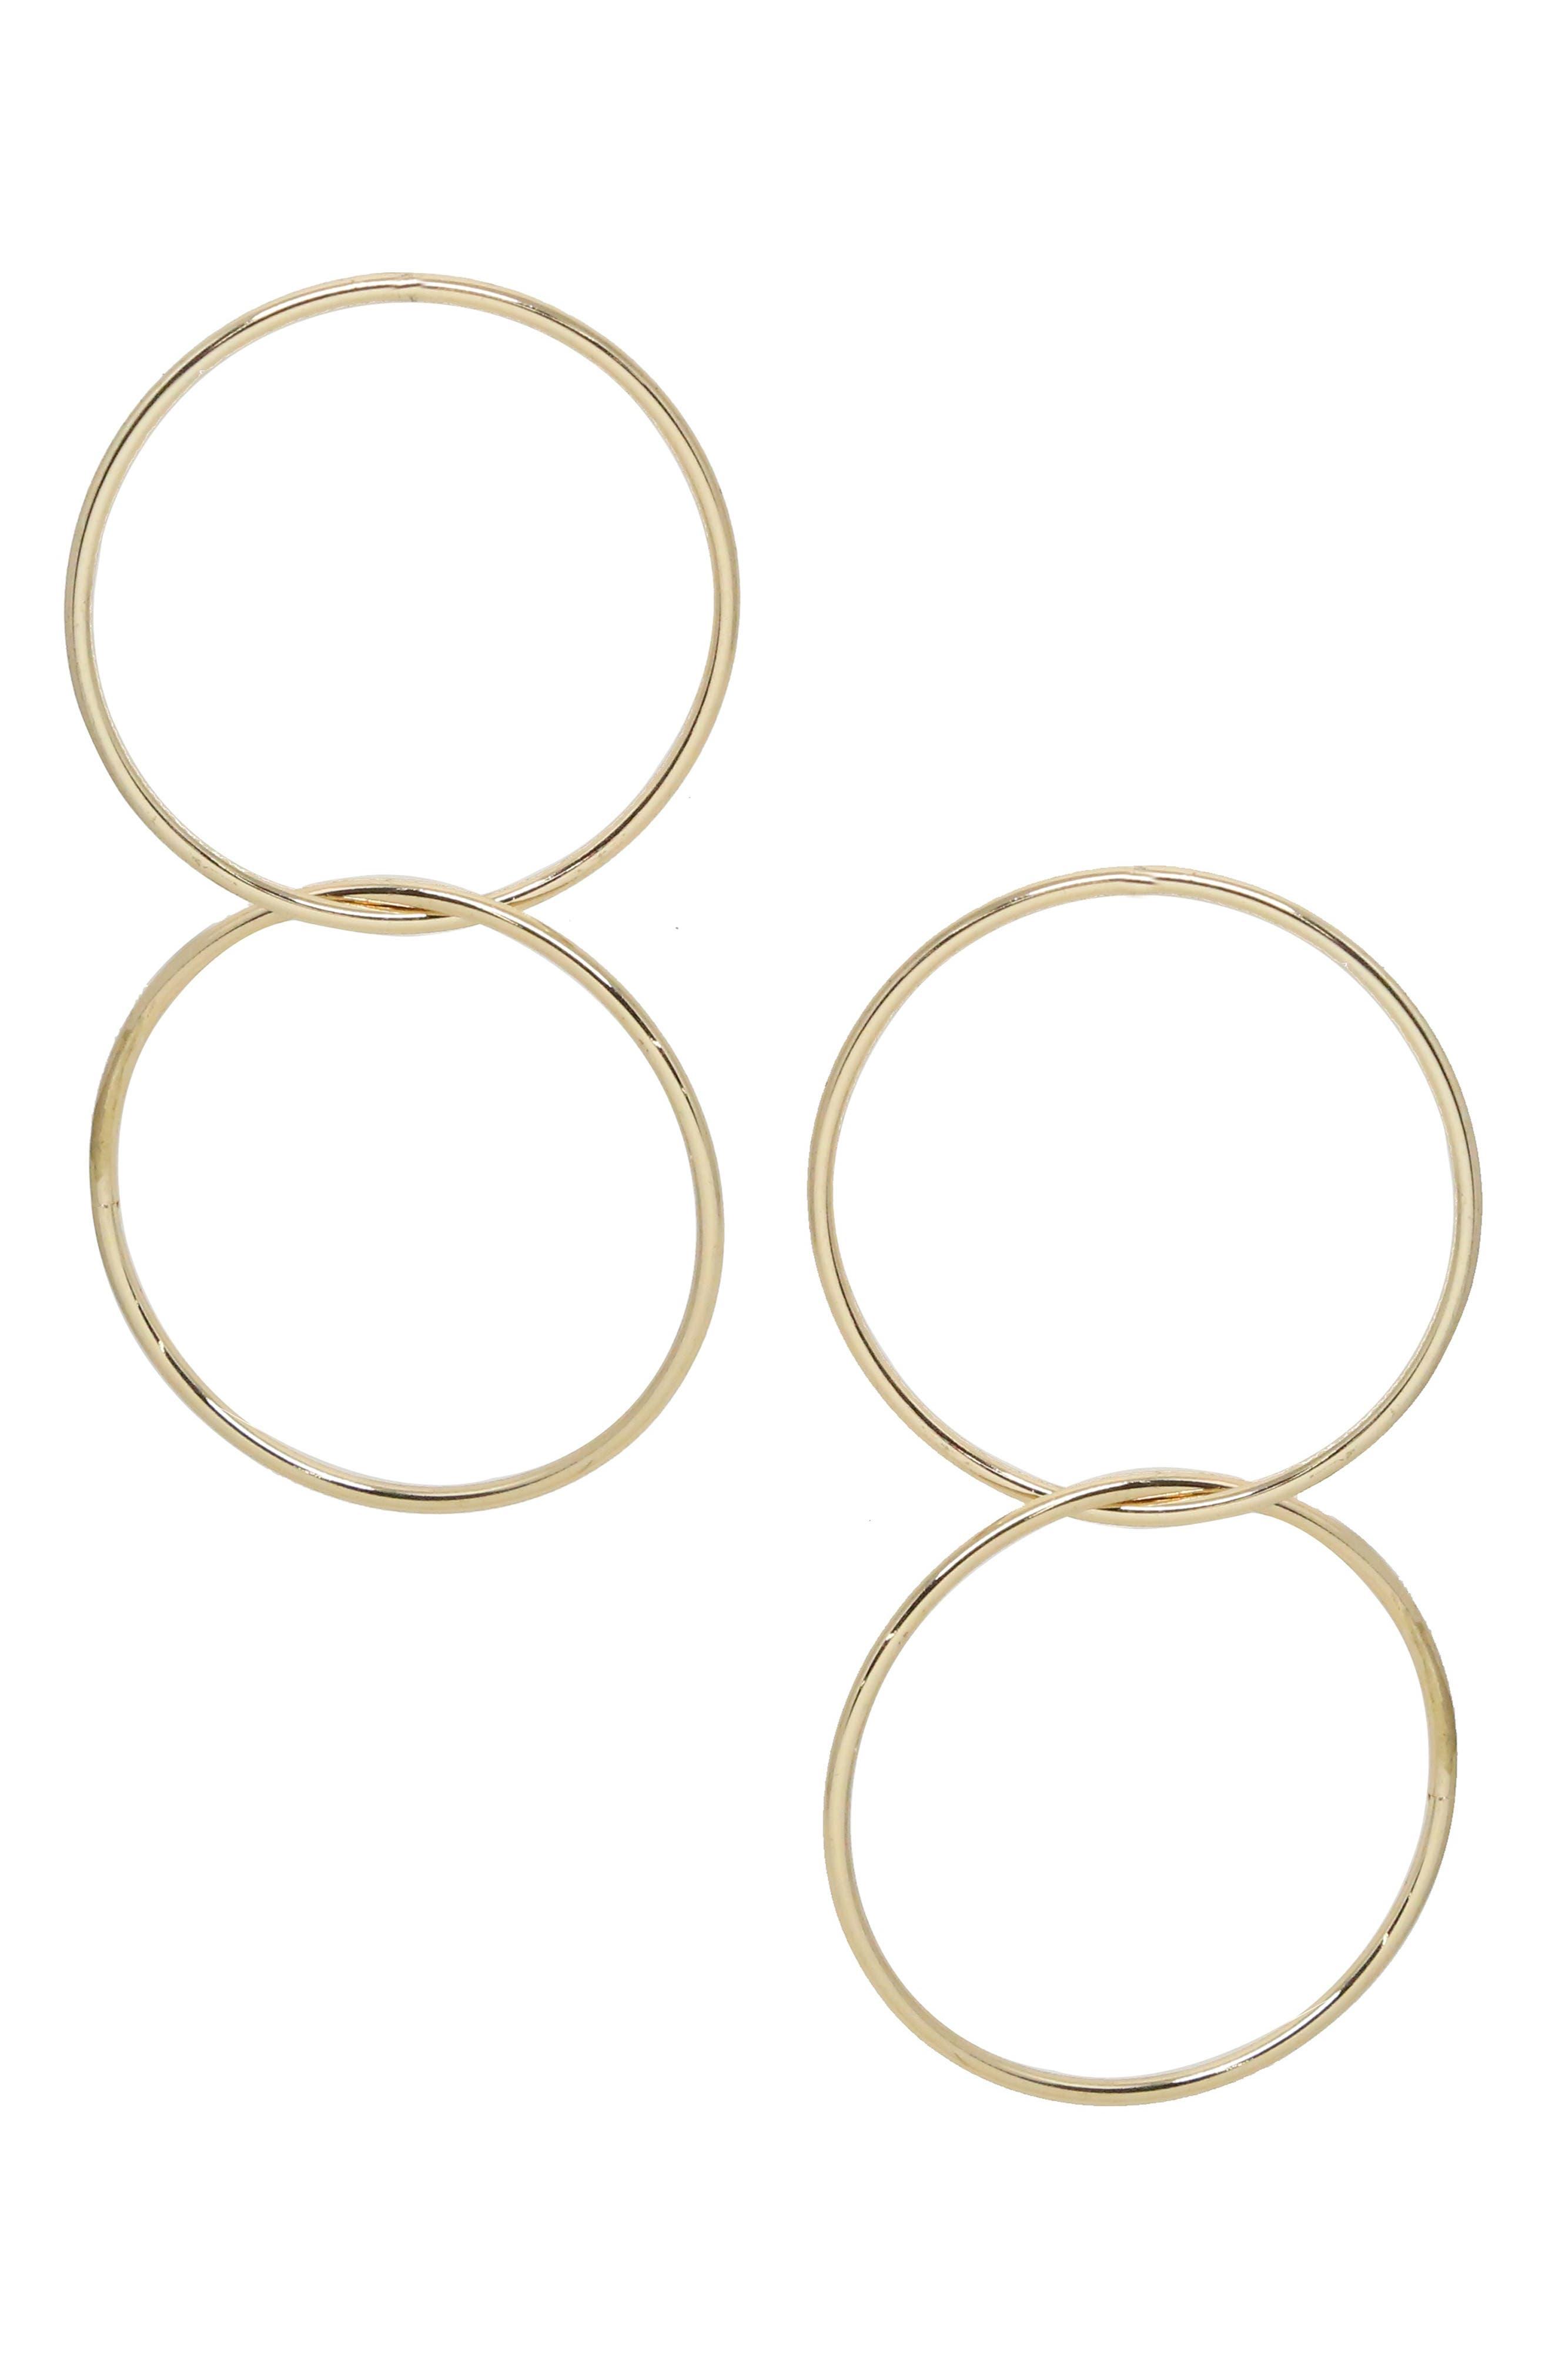 ETTIKA Power Frontal Hoop Earrings in Gold